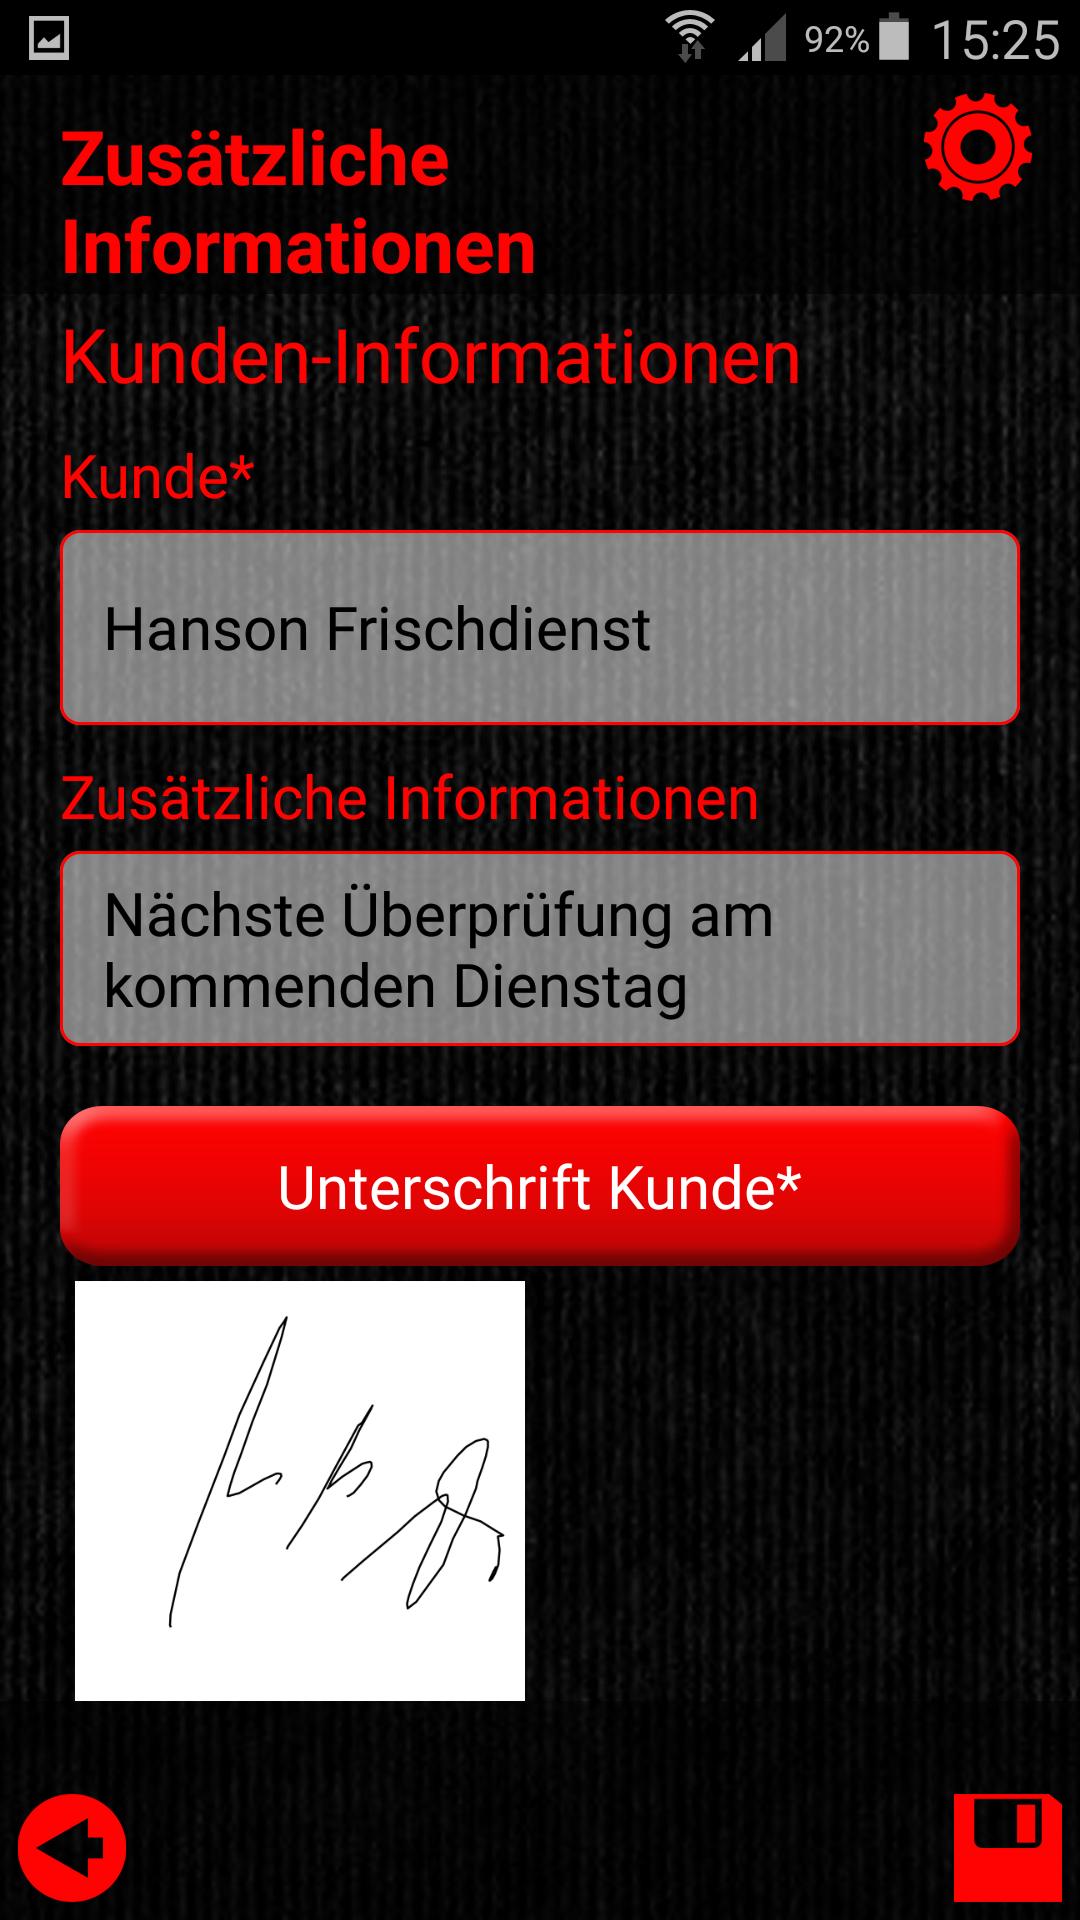 ginstr_app_pestControlInspectionReport_DE_4